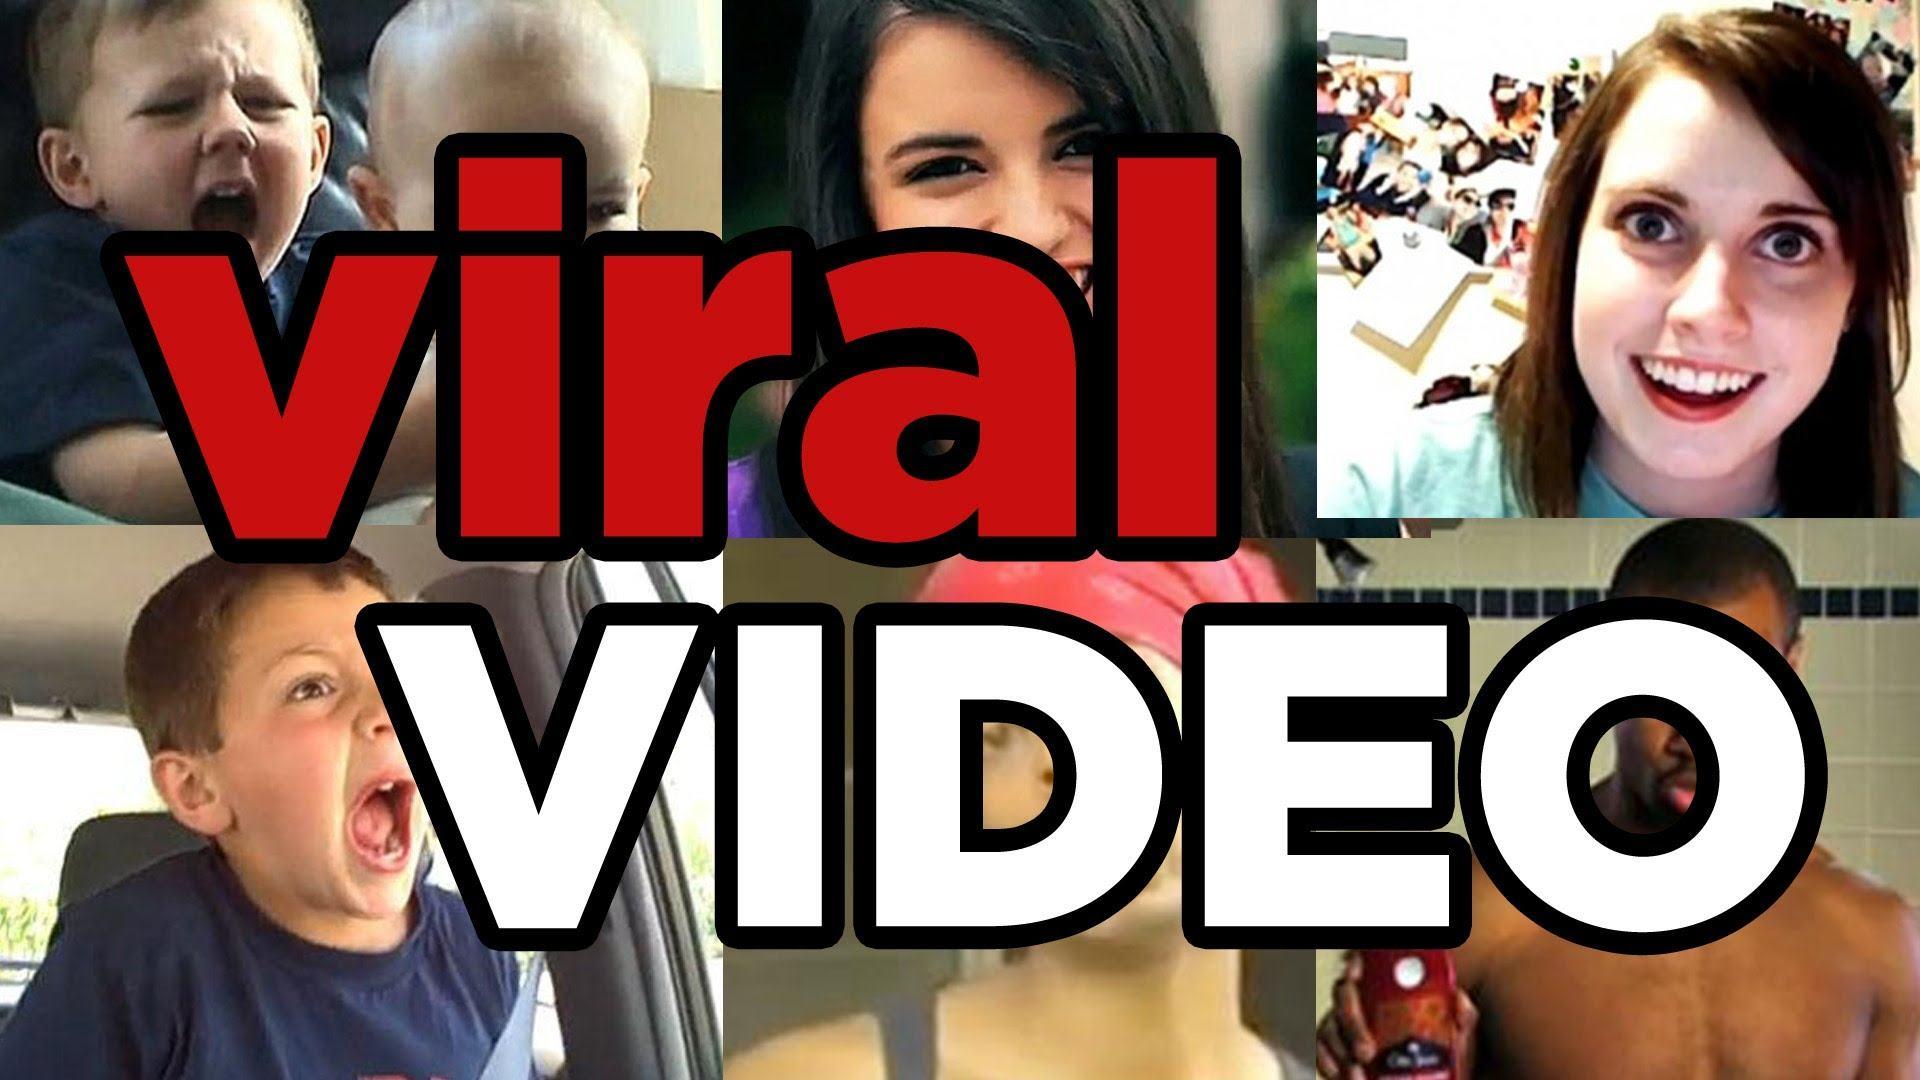 viral video marketing 01 - Thế hệ Z: 10 điều bắt buột phải  biết để làm thương hiệu